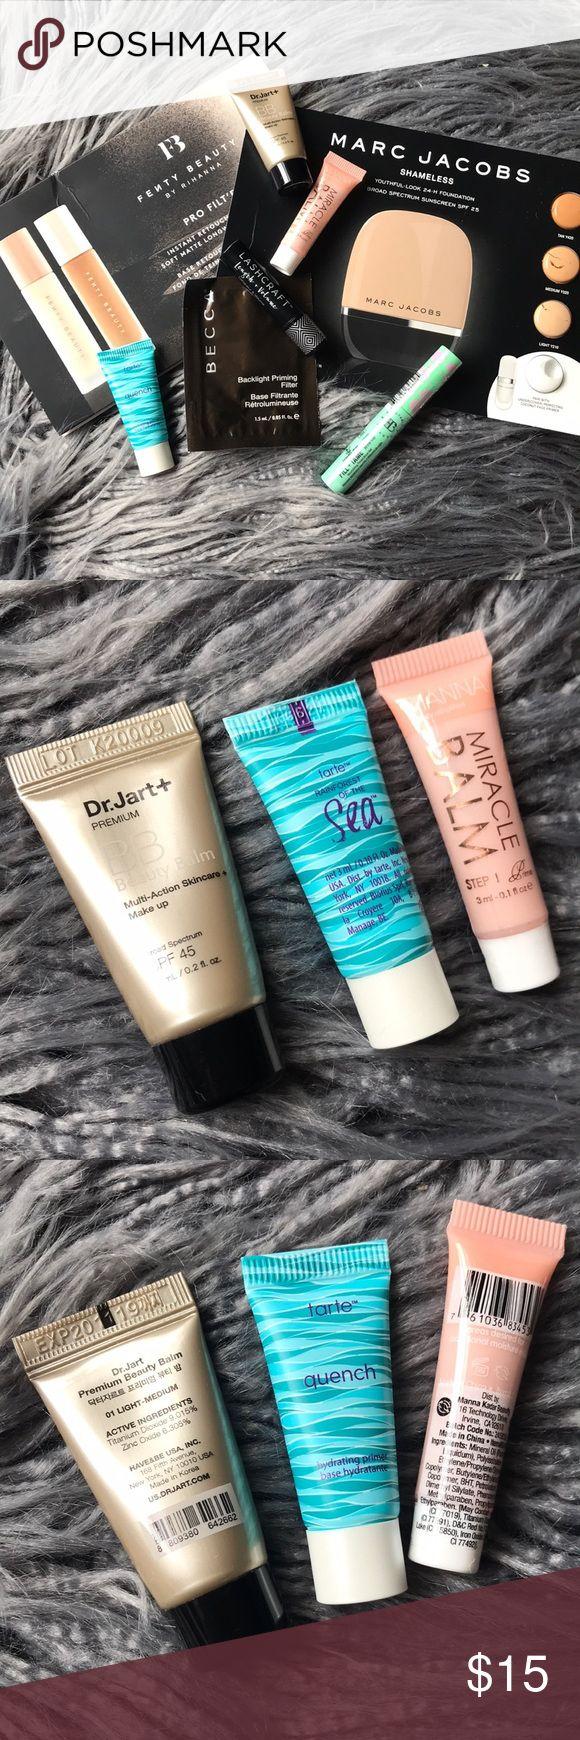 Make-up pattern bundle Fenty Magnificence, Becca & extra Becca backlight priming filter, …